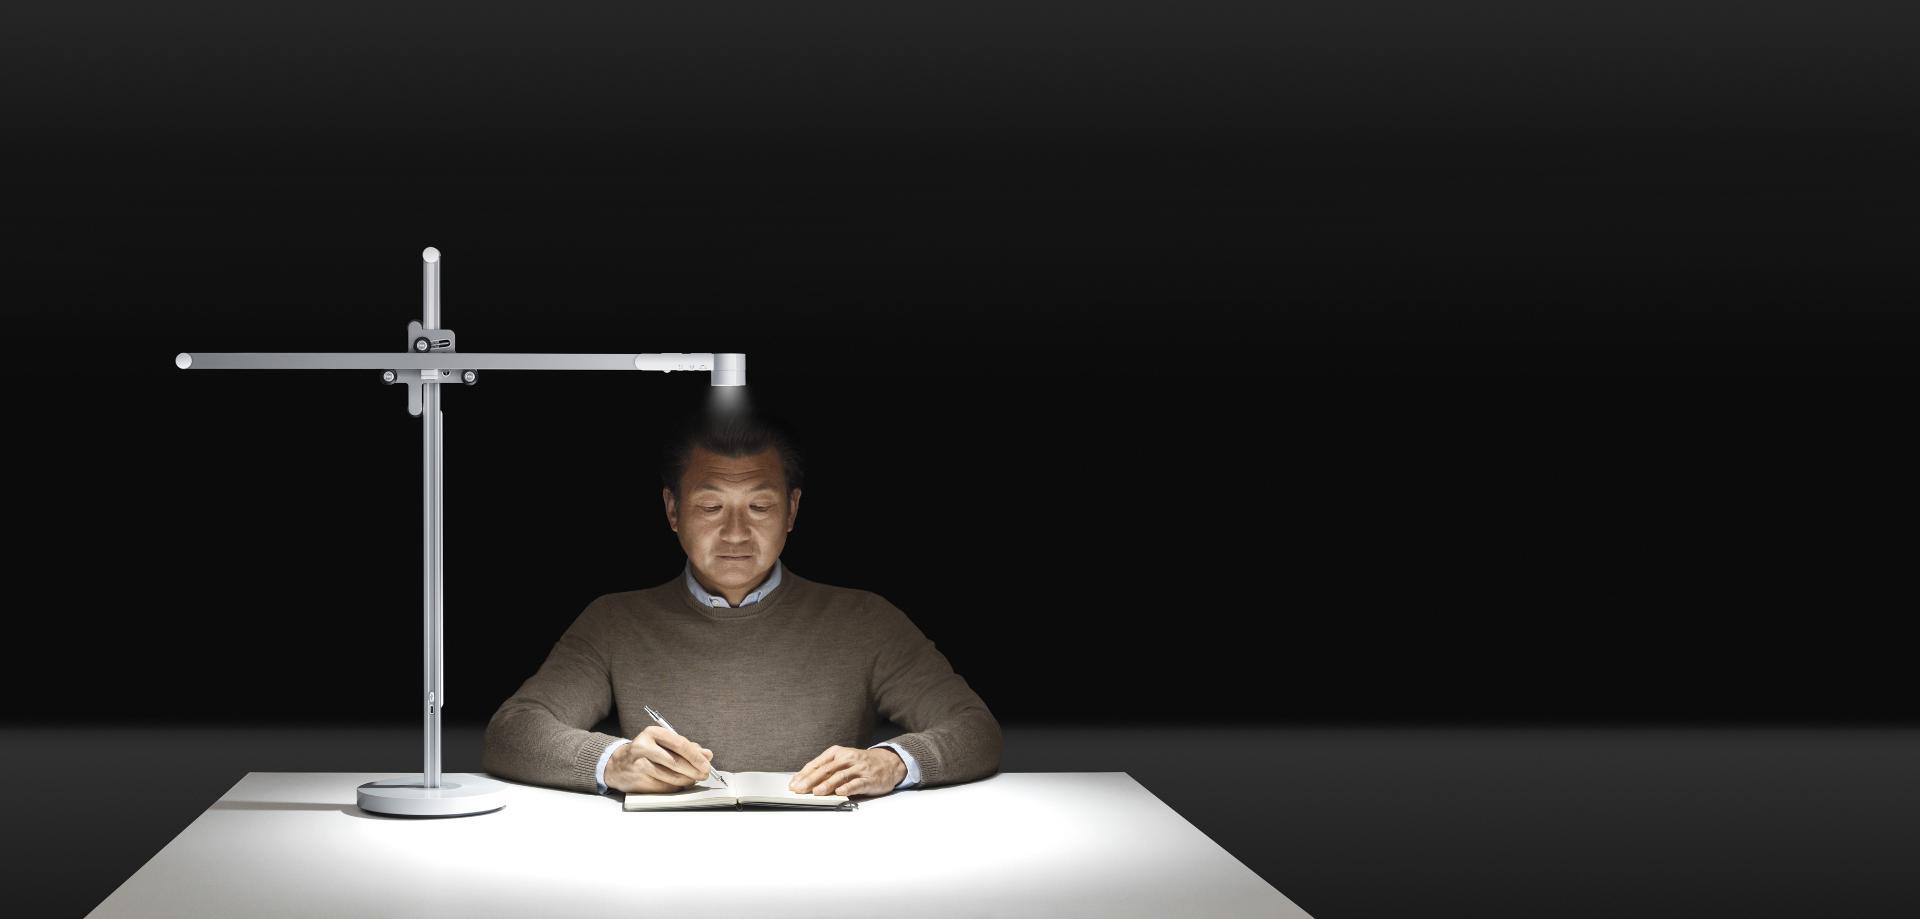 Un hombre maduro lee bajo una potente luz